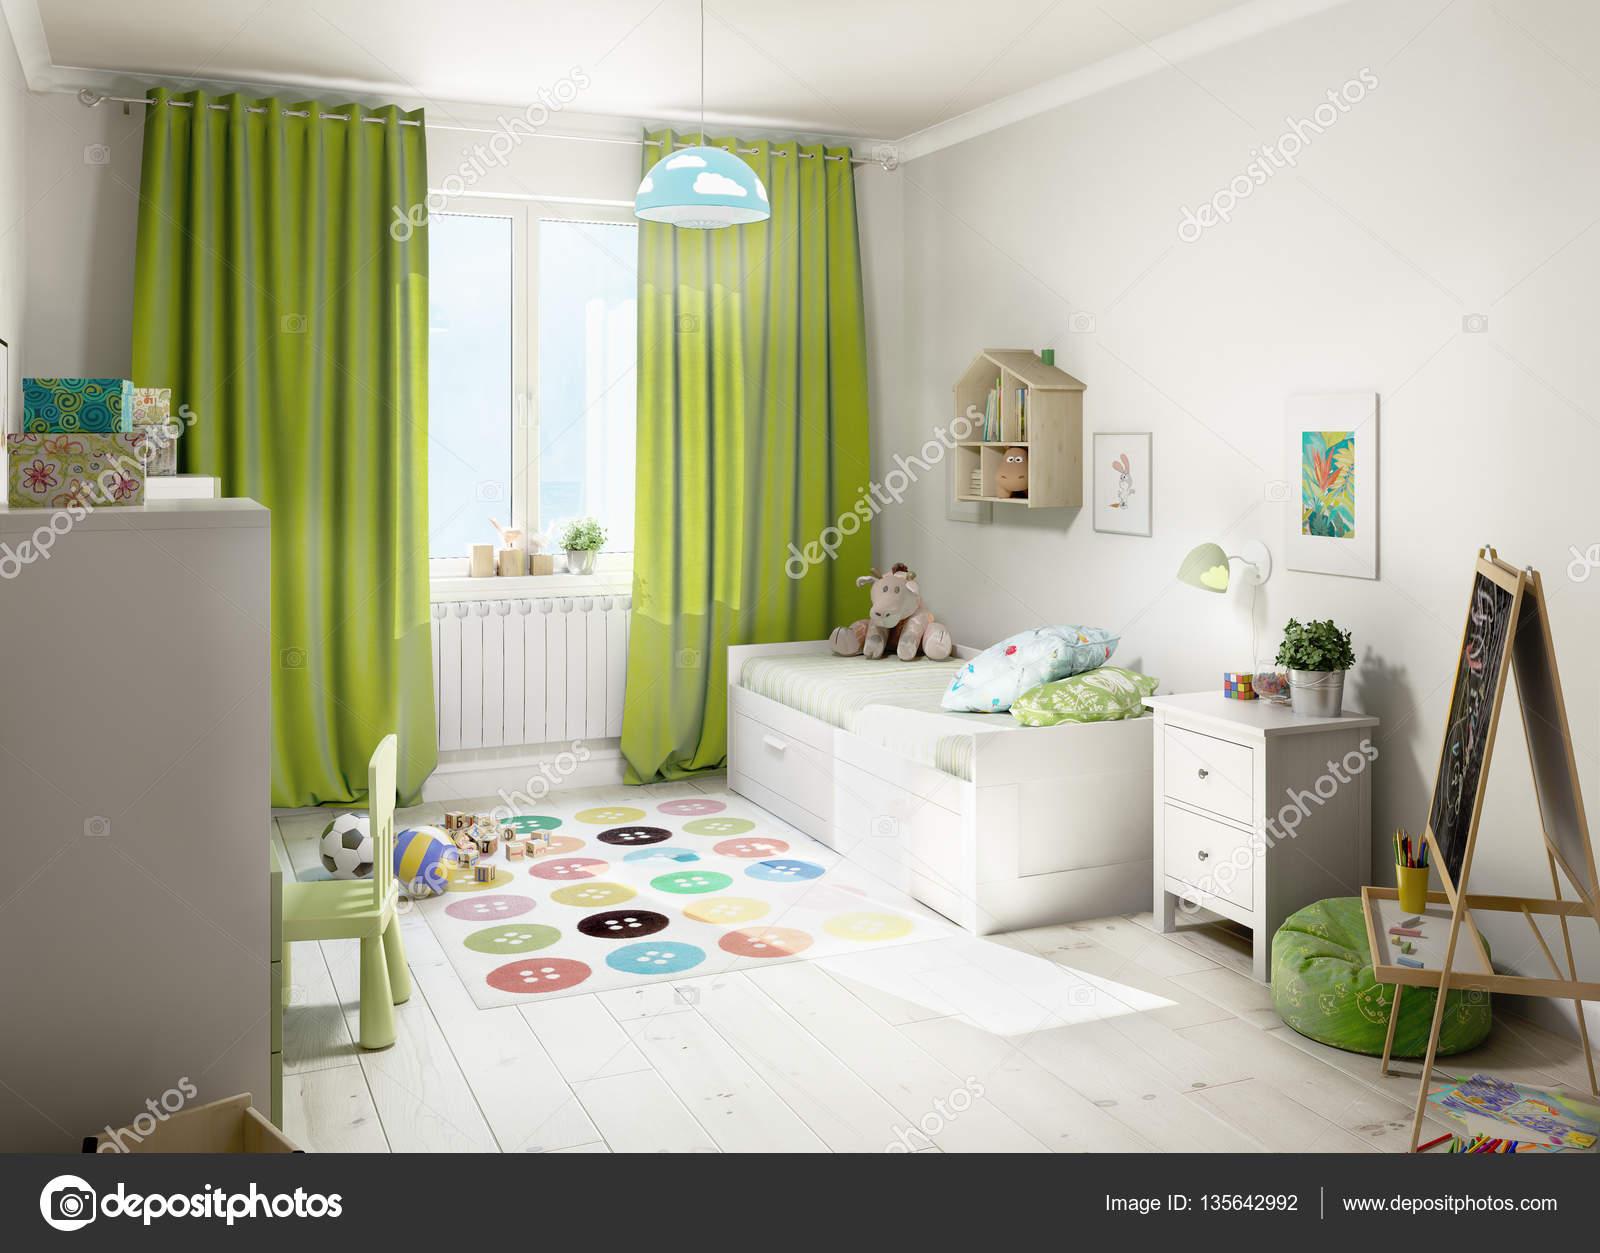 kinderkamer met groene gordijnen. 3D illustratie — Stockfoto ...